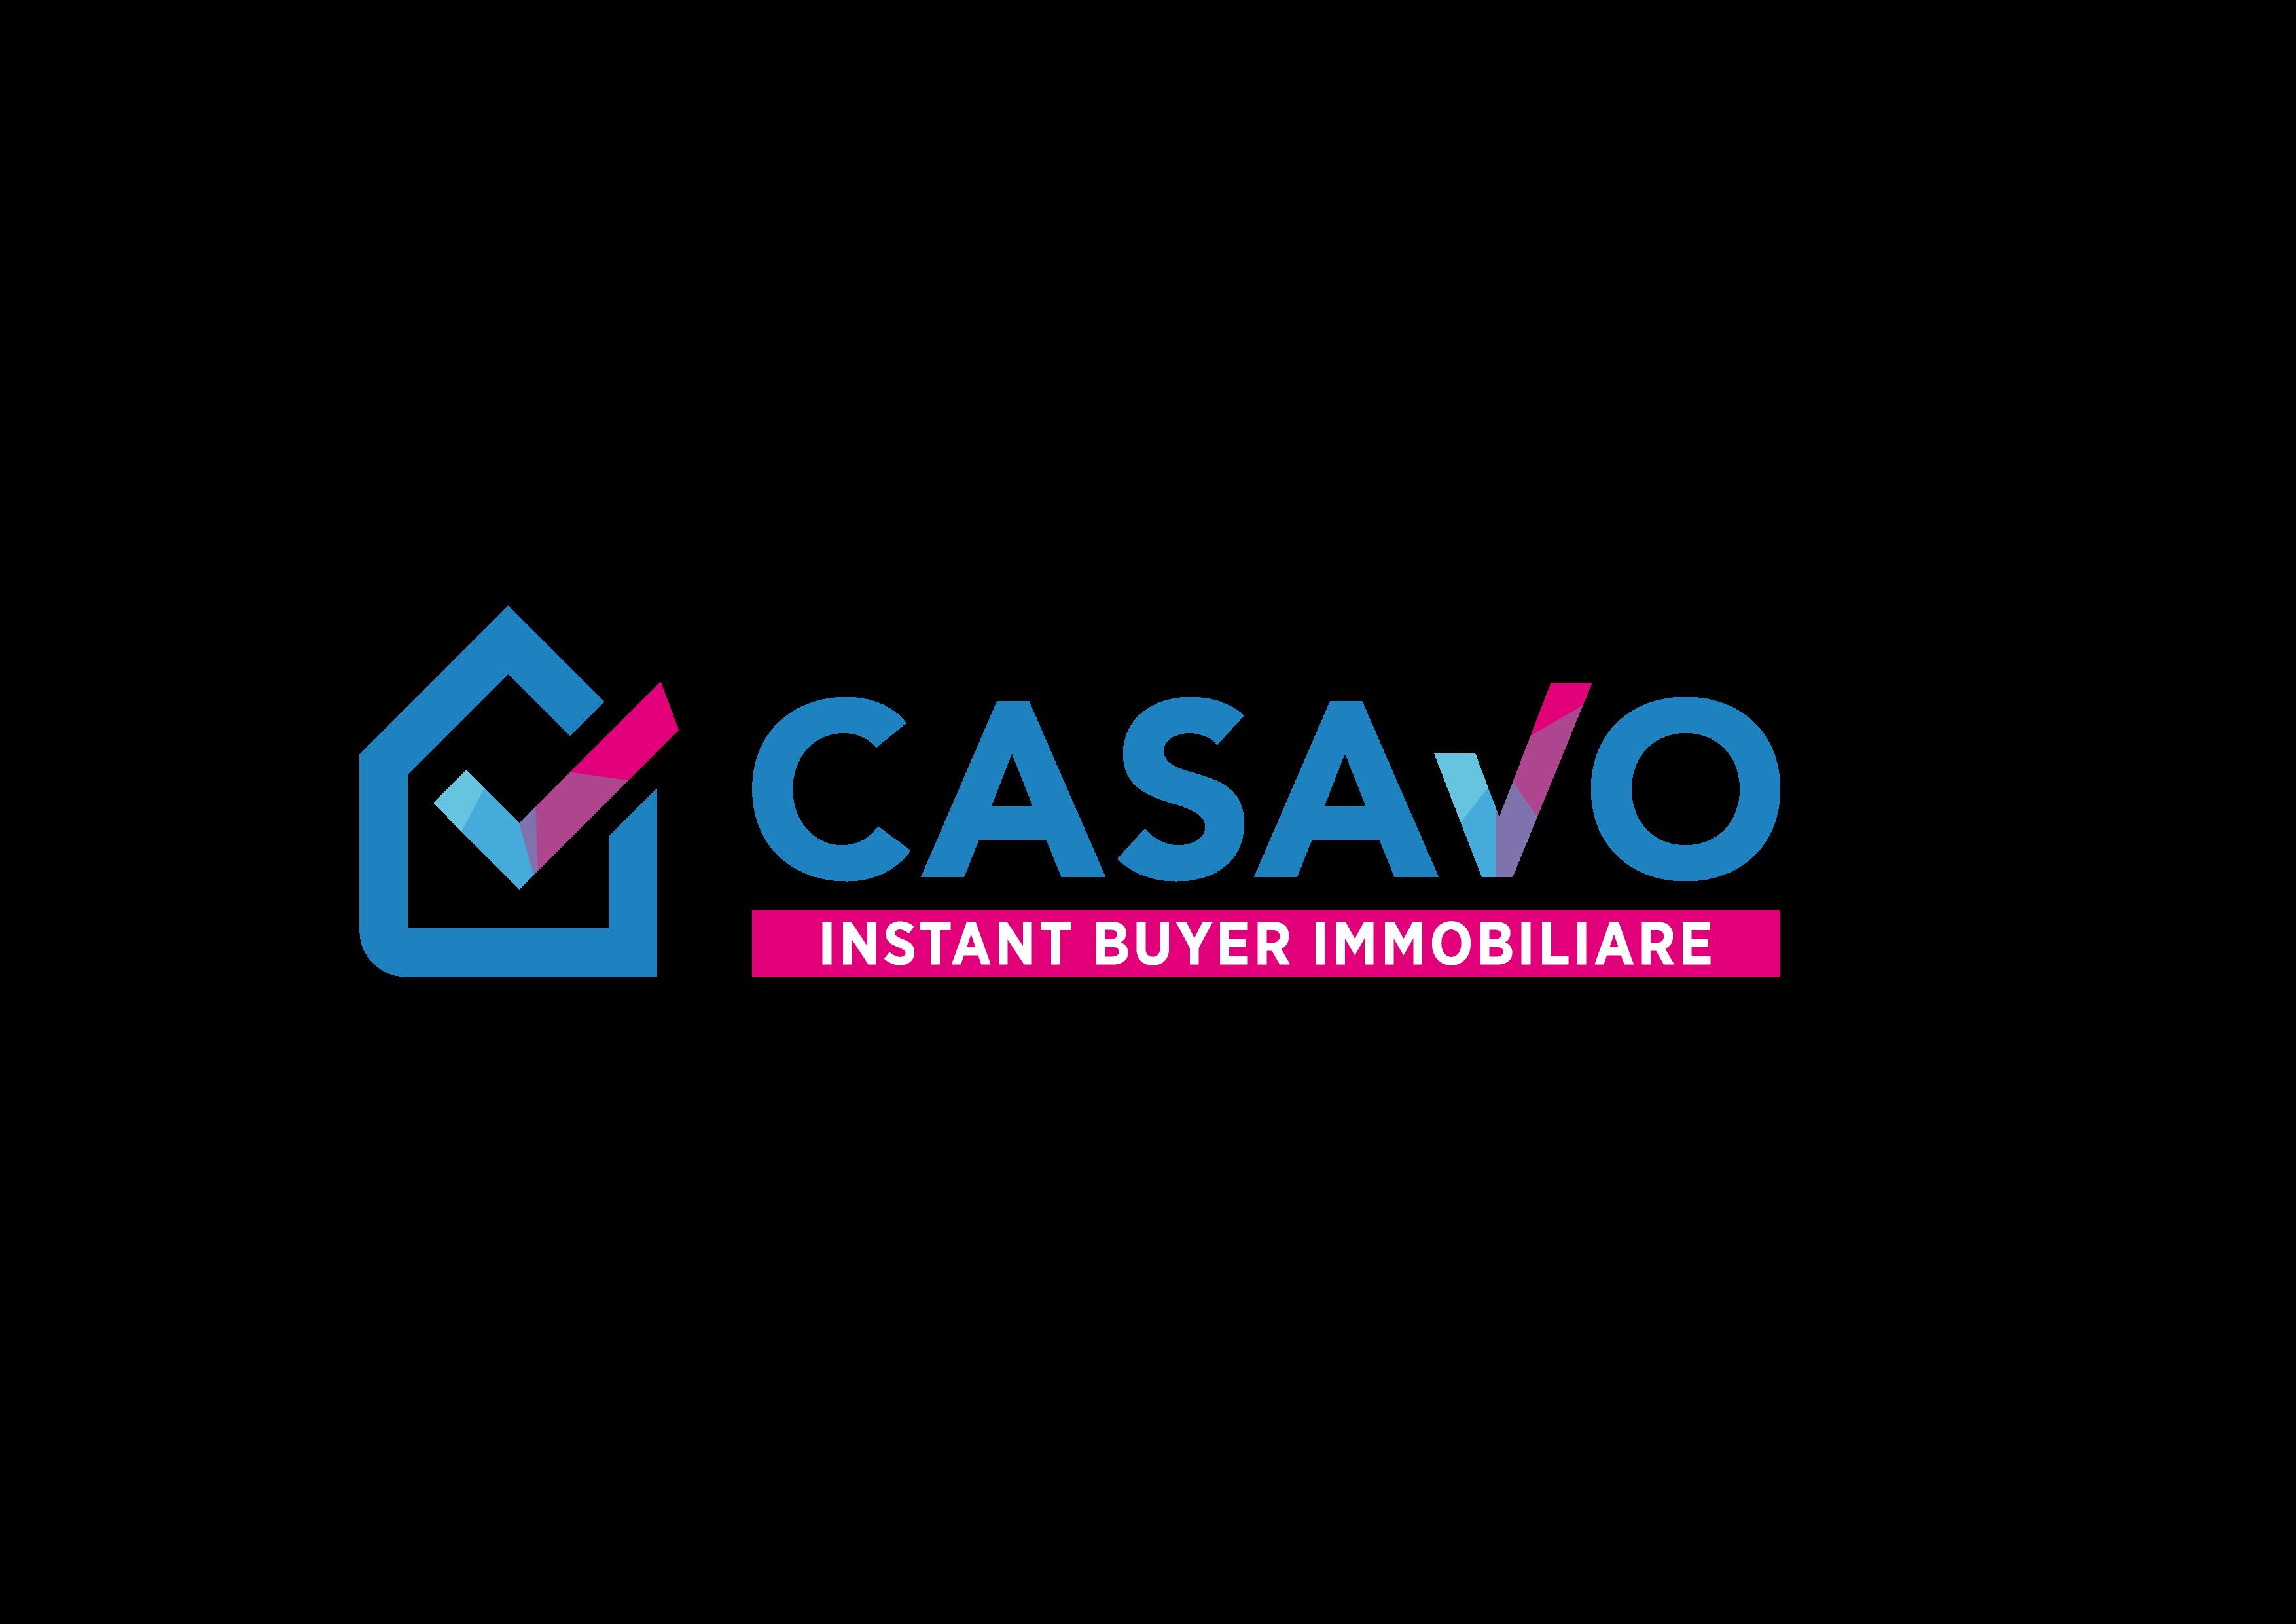 Casavo: l'instant buyer immobiliare italiano